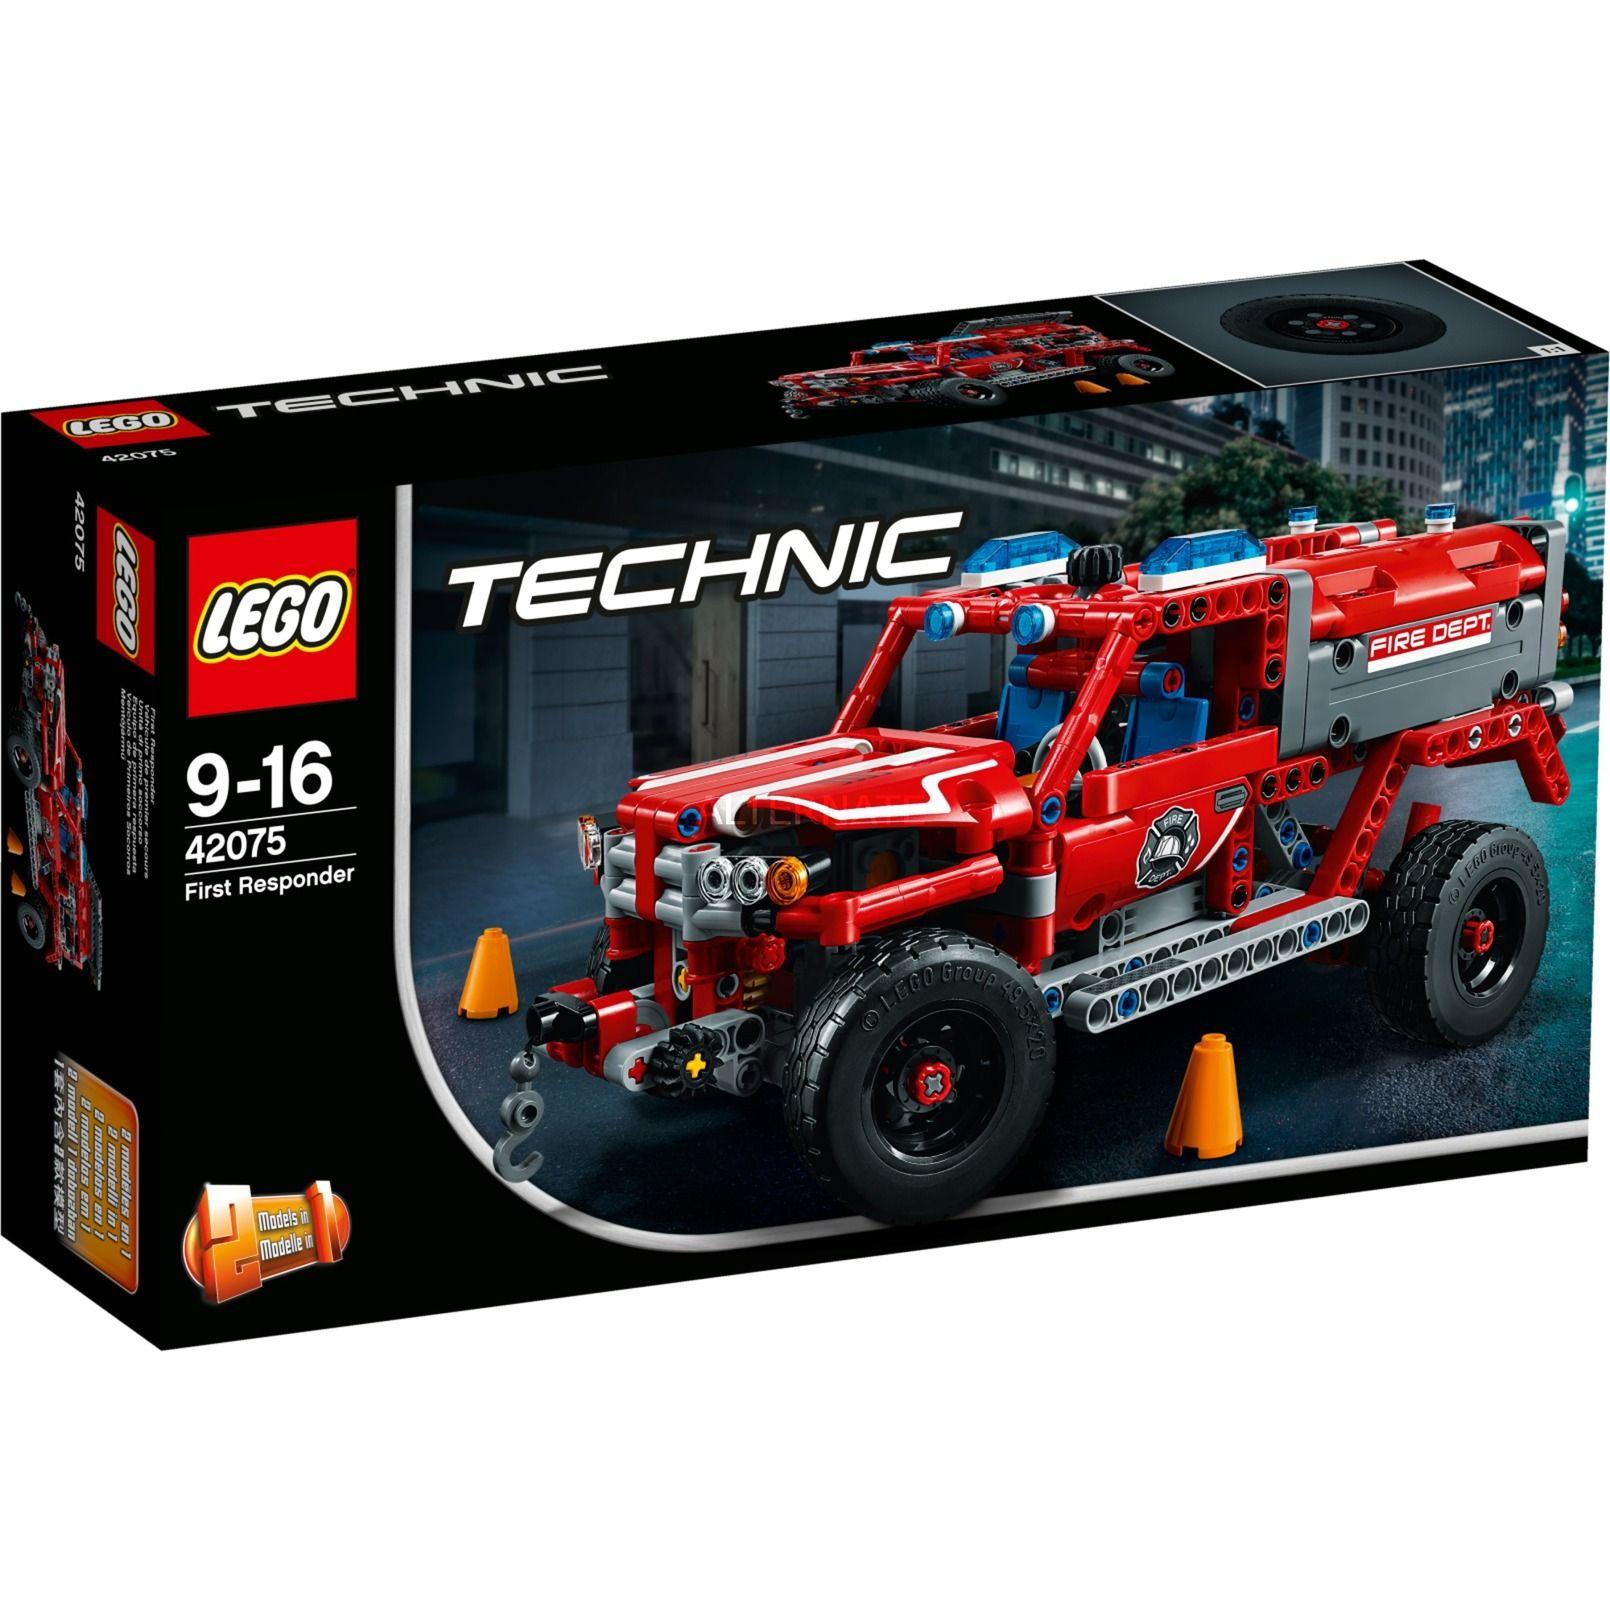 Eile Dem First Responder Zur Brandstatte Dieses 2 In1 Modell Eine Tolle Nachbildung Eines Feuerwehr Suv Verfugt Uber Eine La Lego Feuerwehr Lego Technic Lego